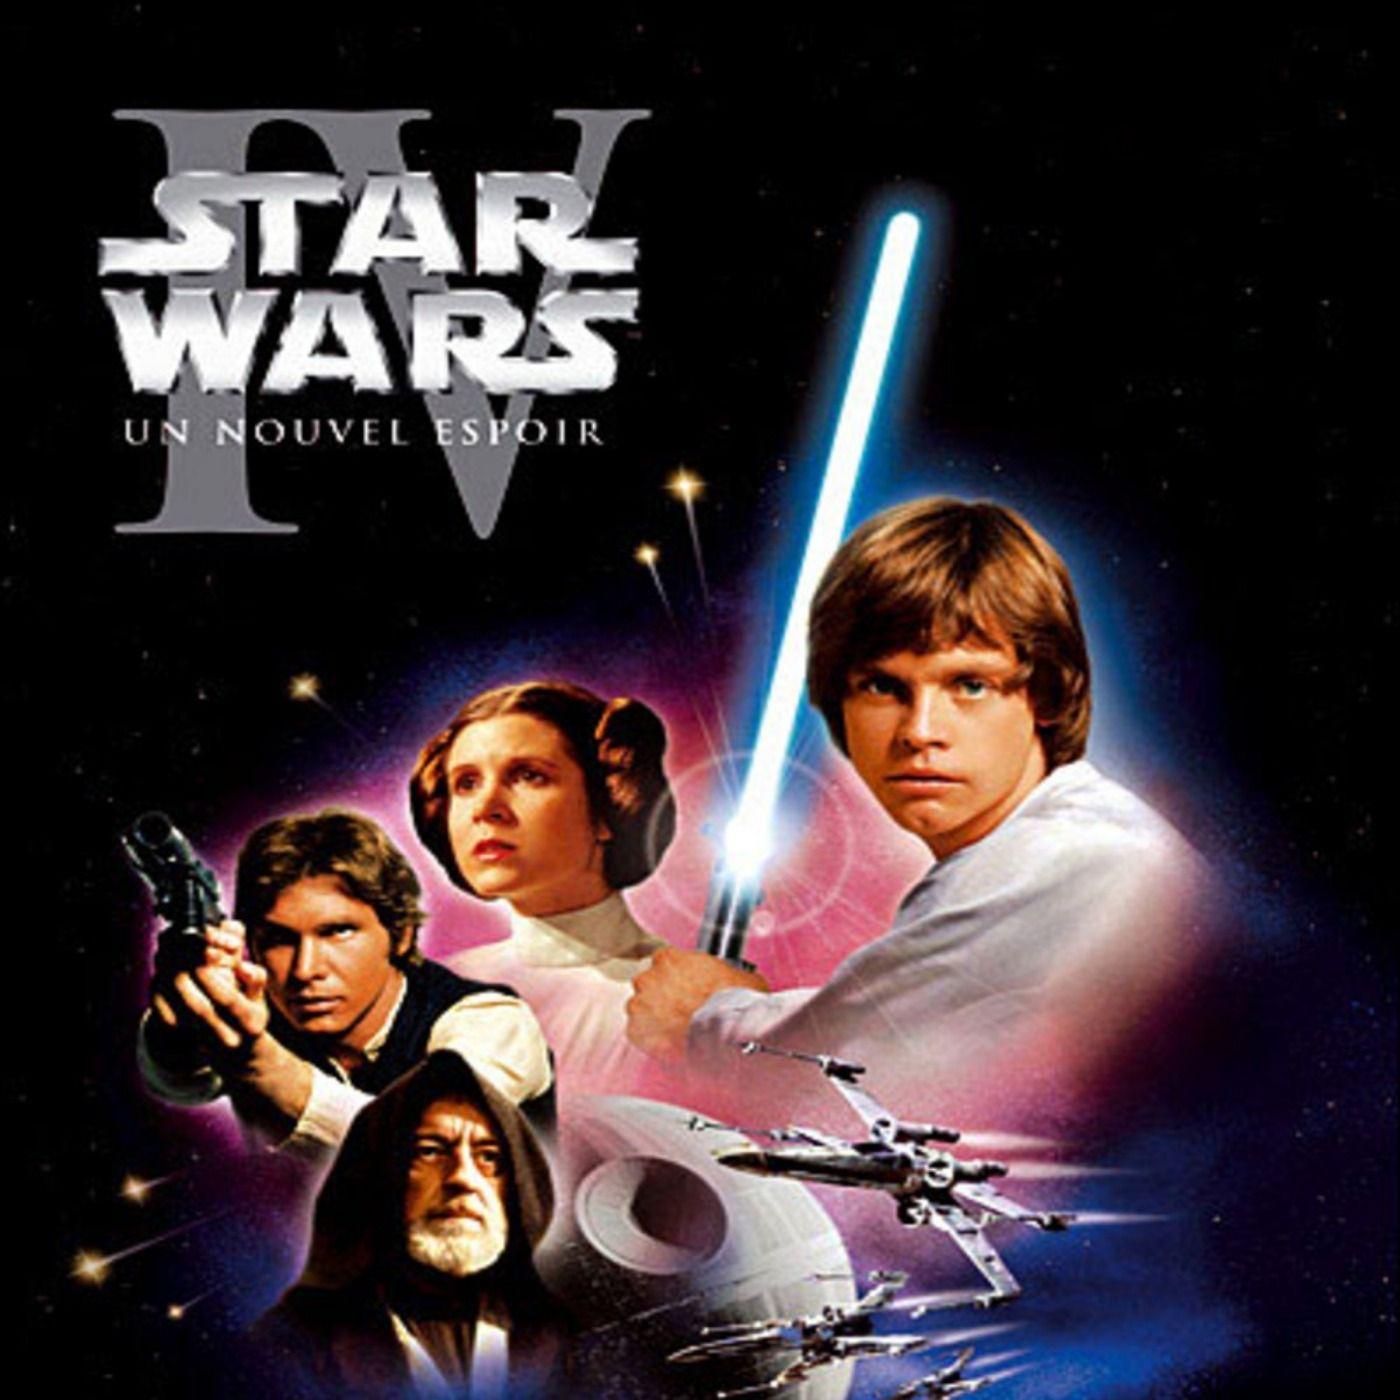 #1 STAR WARS / UN NOUVEL ESPOIR